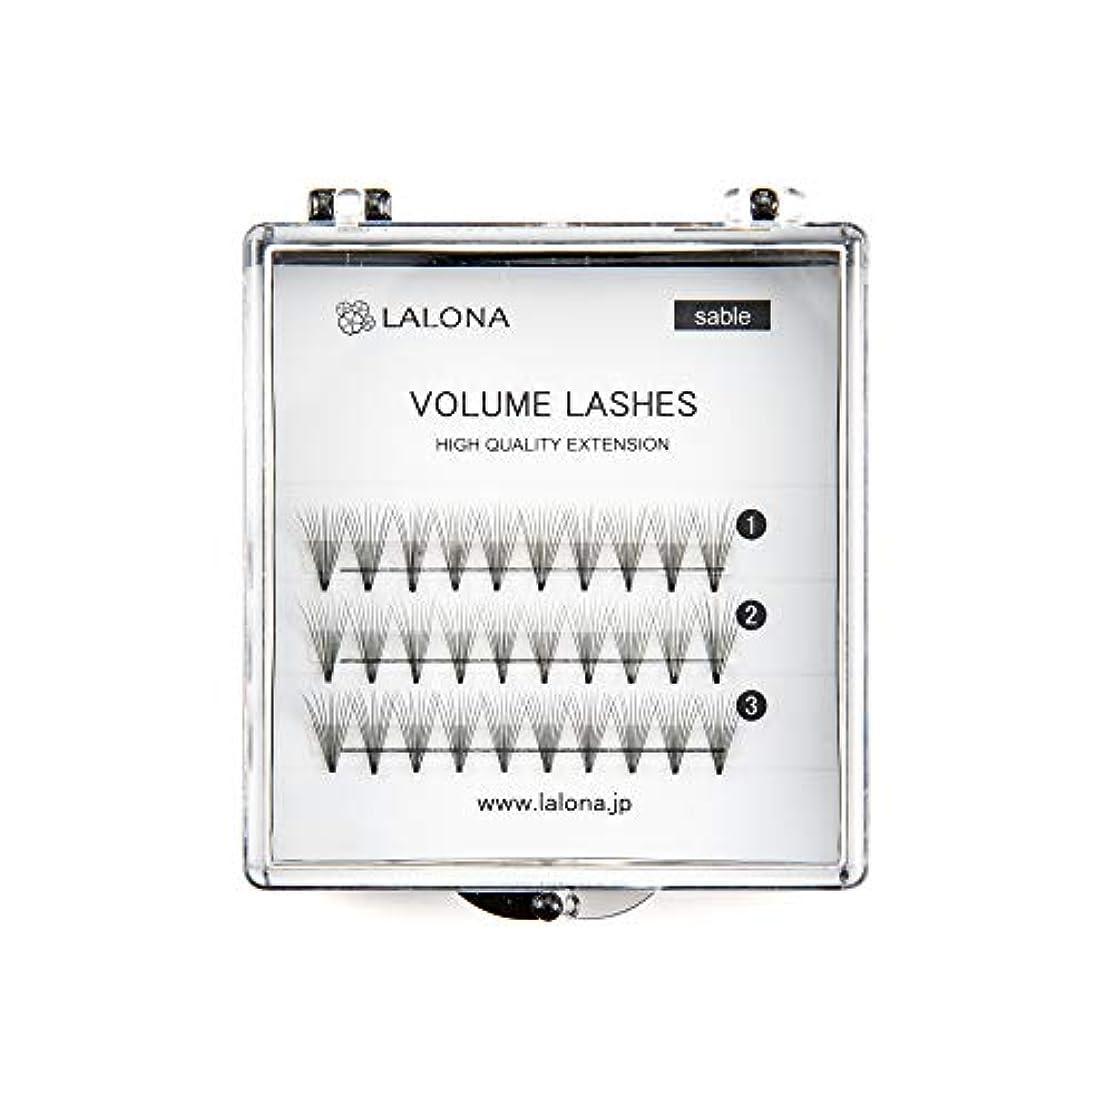 エラー増幅適用するLALONA [ ラローナ ] ボリュームラッシュ (10D) (30pcs) まつげエクステ 10本束 フレアラッシュ まつエク 束まつげ セーブル (Dカール / 10mm)